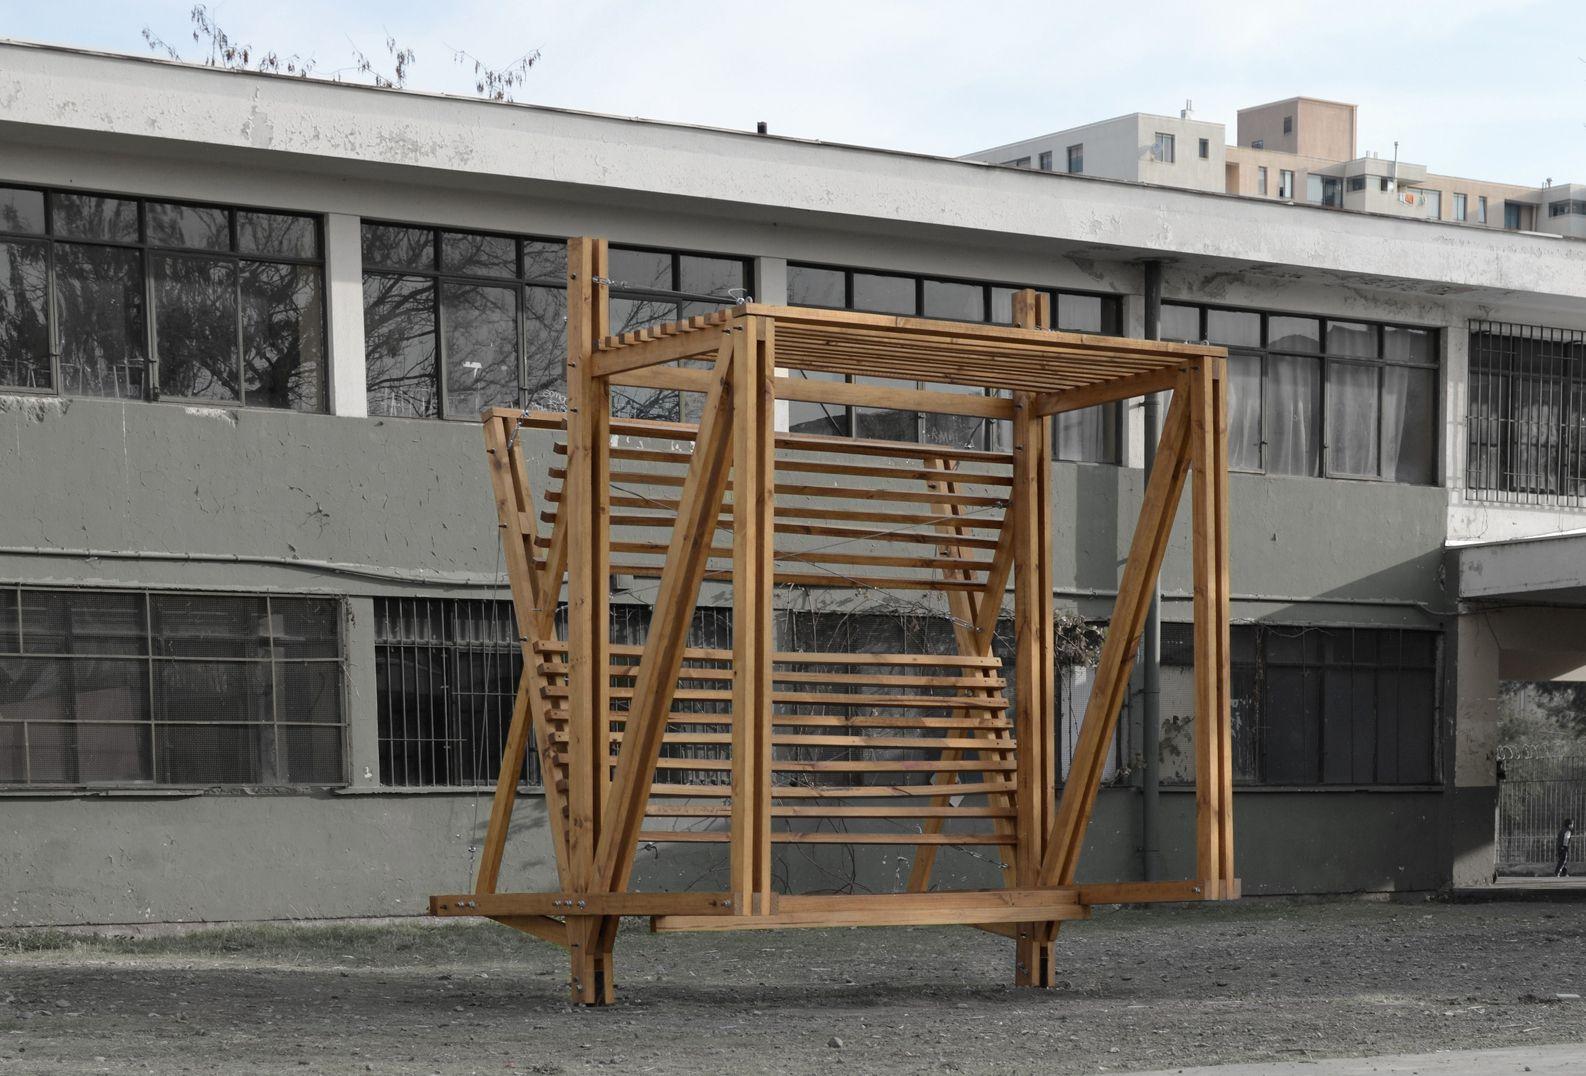 Ejercicio y aporte a la ciudad: estudiantes diseñan paradero de buses en madera